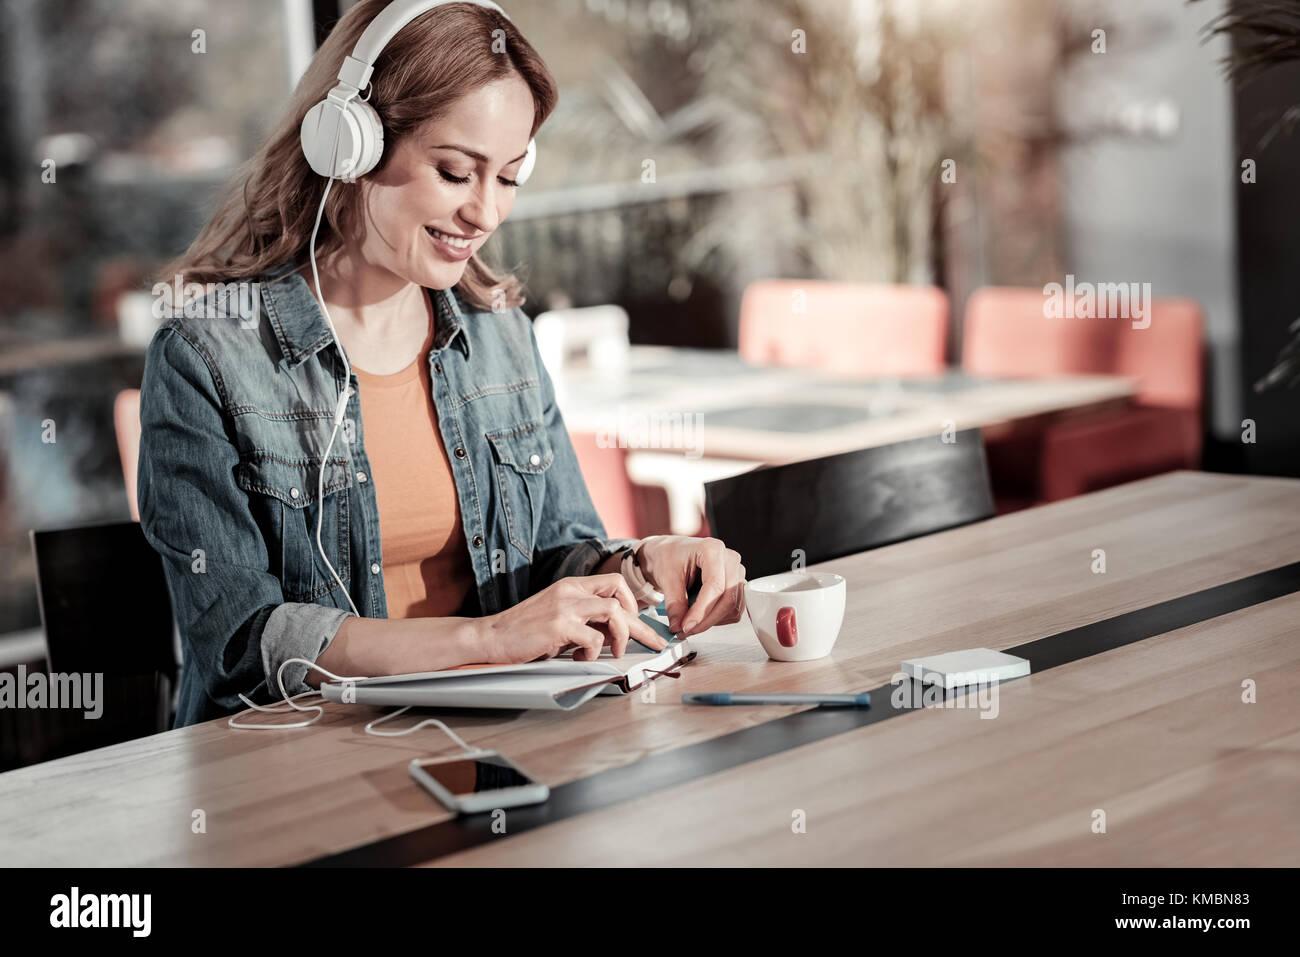 Jeune femme ayant une matinée productive dans un café Photo Stock